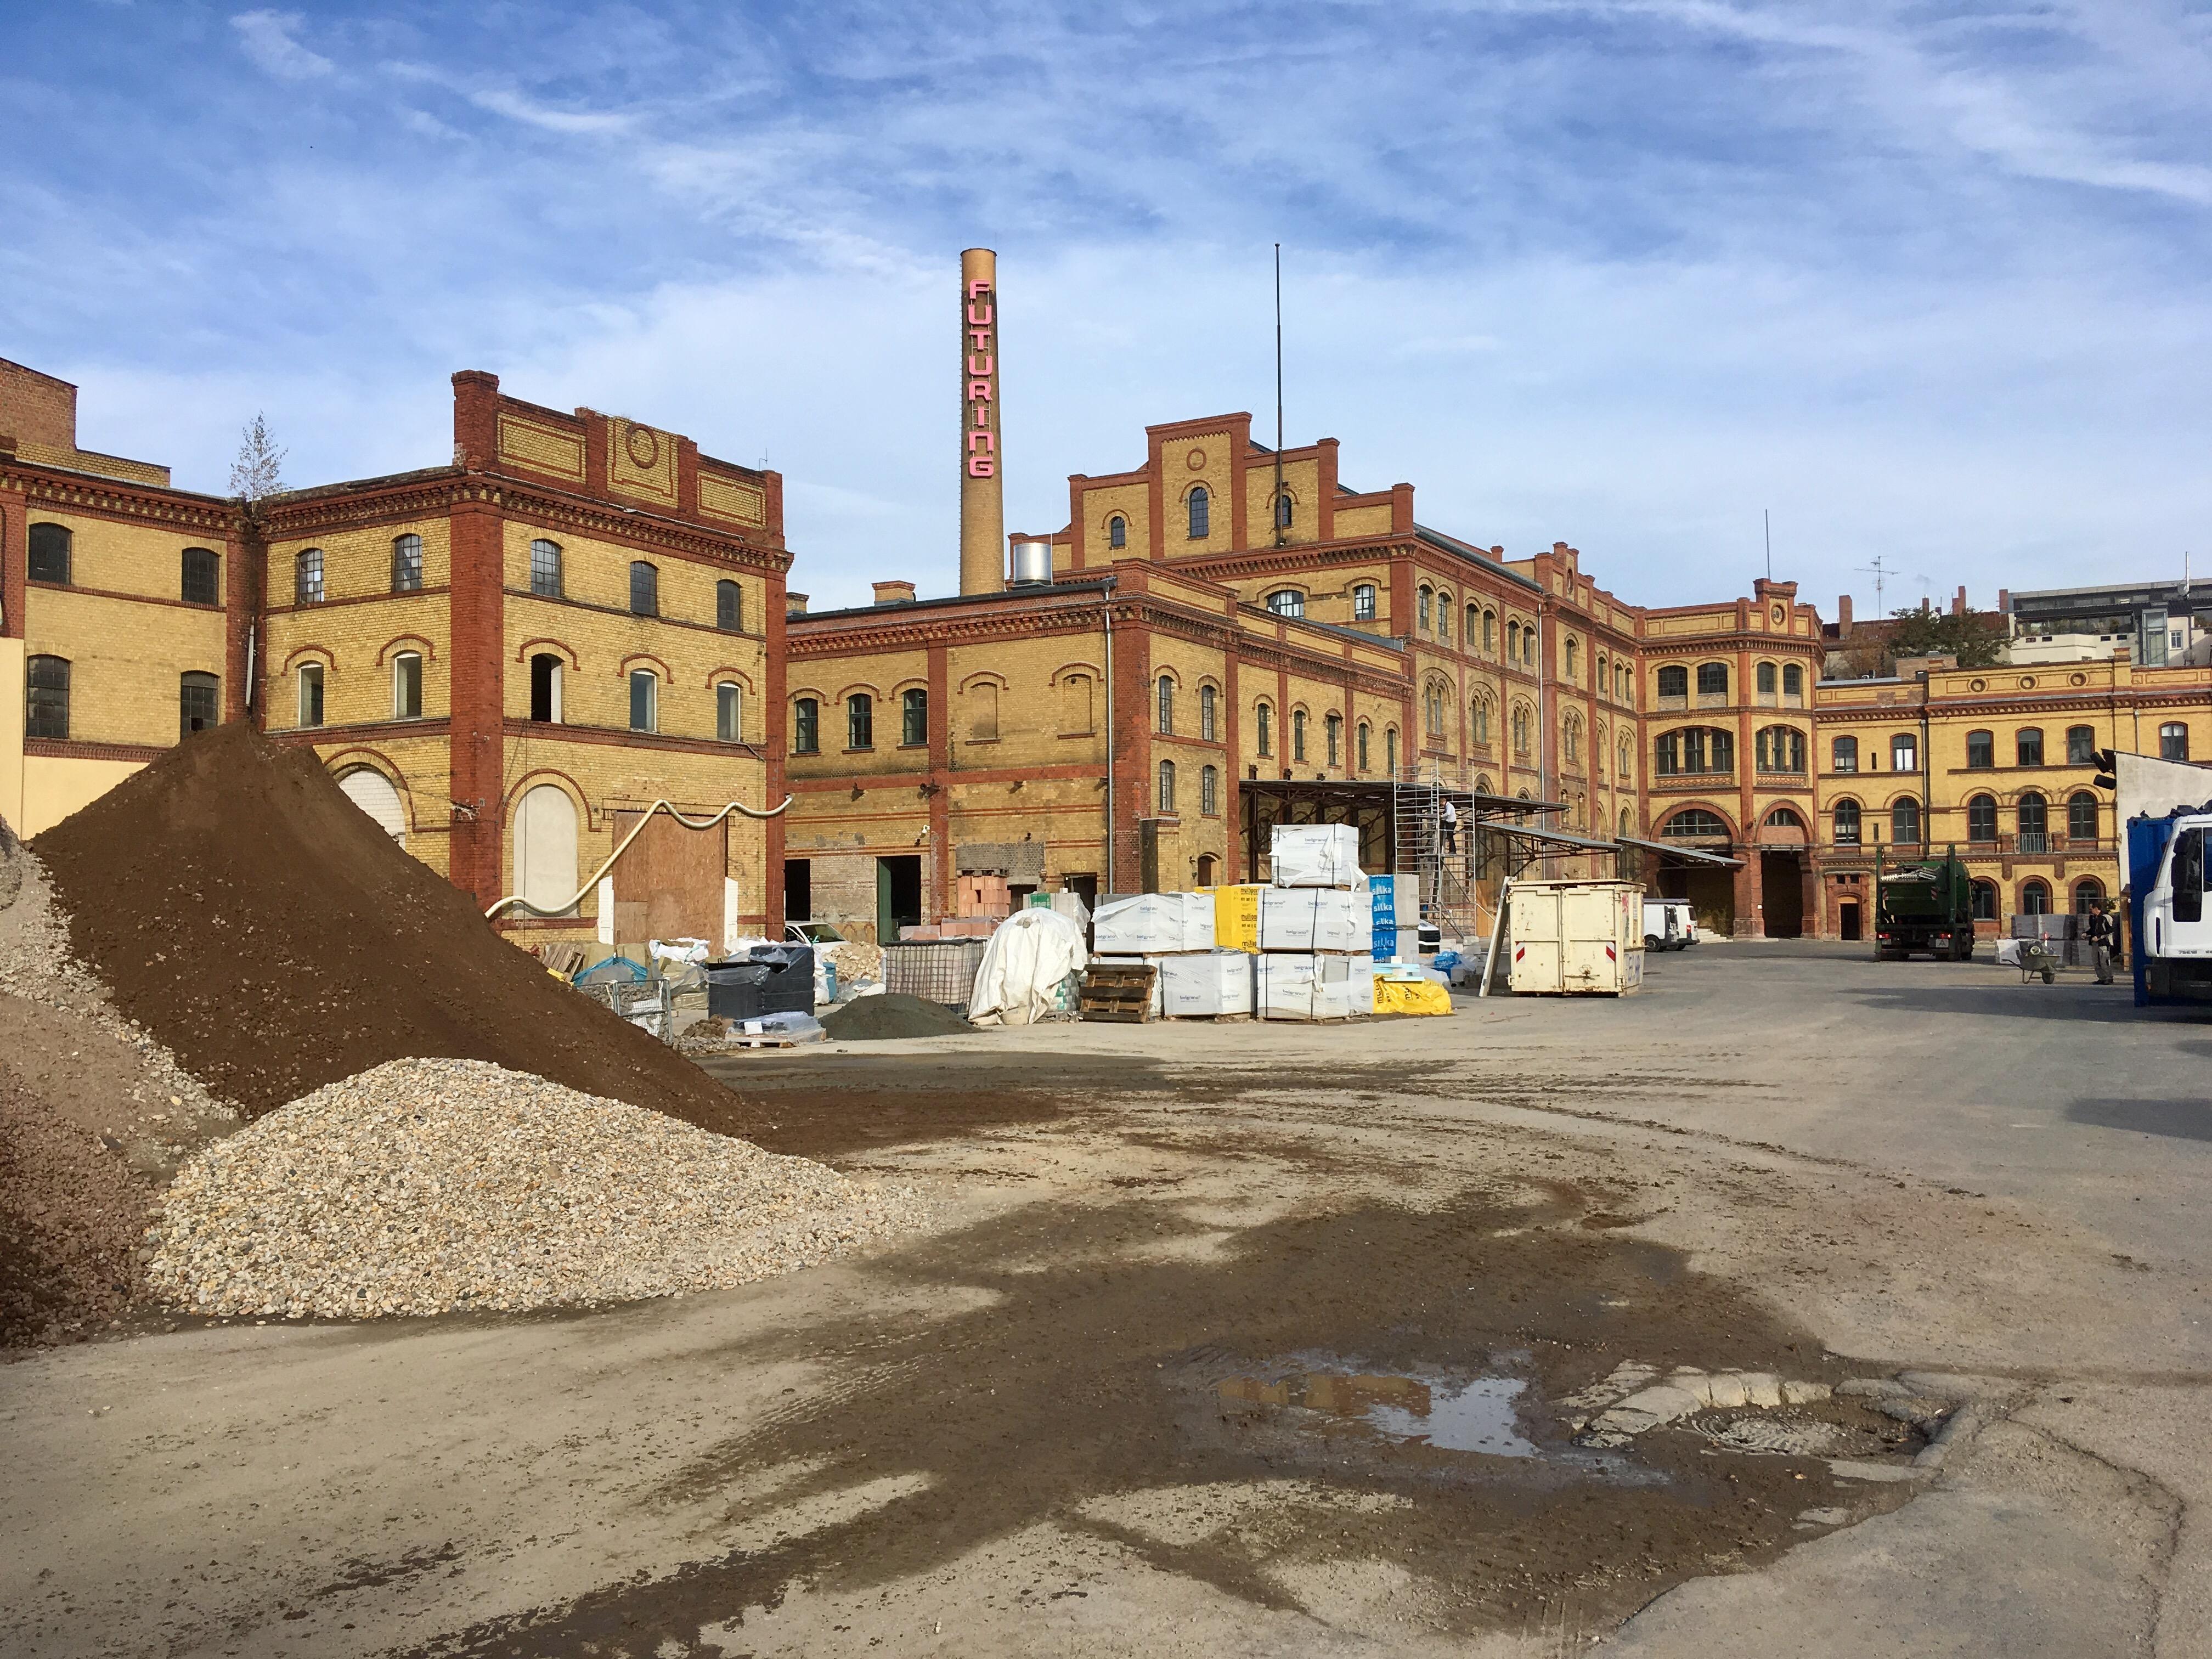 Bötzow Brauerei